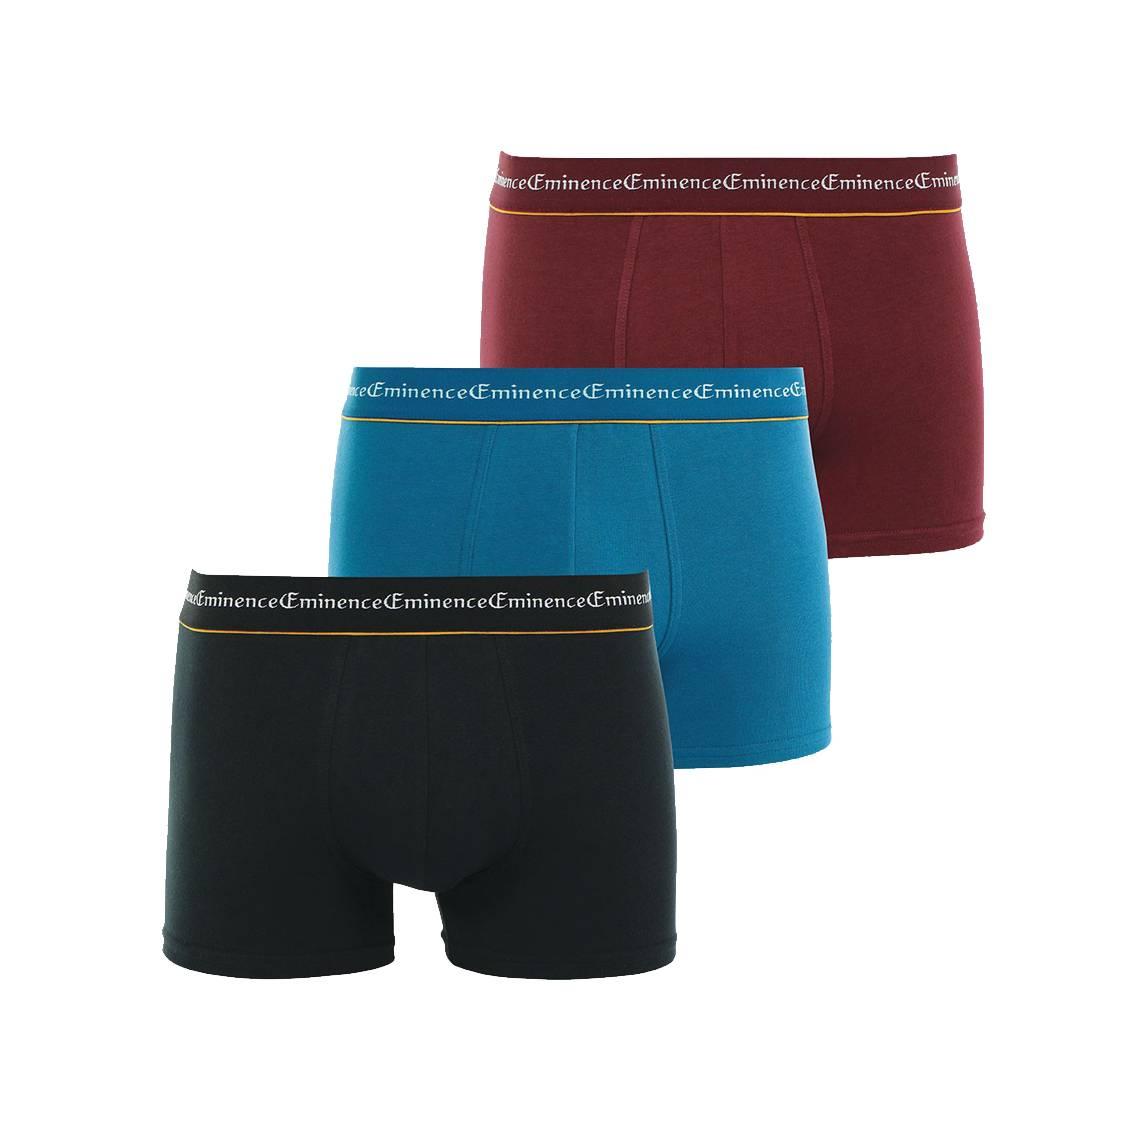 Lot de 3 boxers Eminence Business en coton stretch noir, bleu et bordeaux